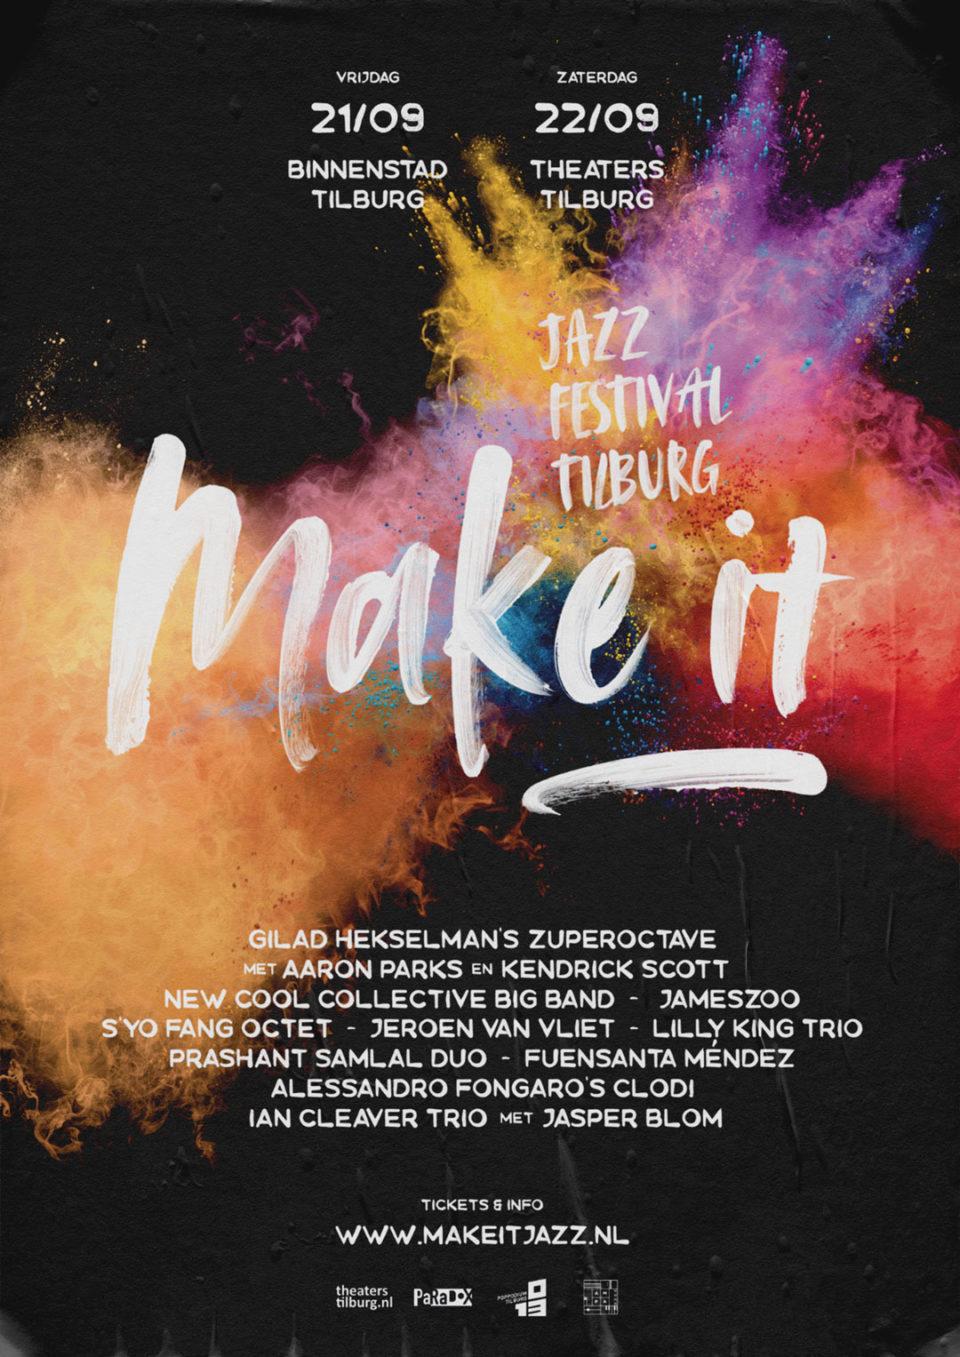 mkae-it